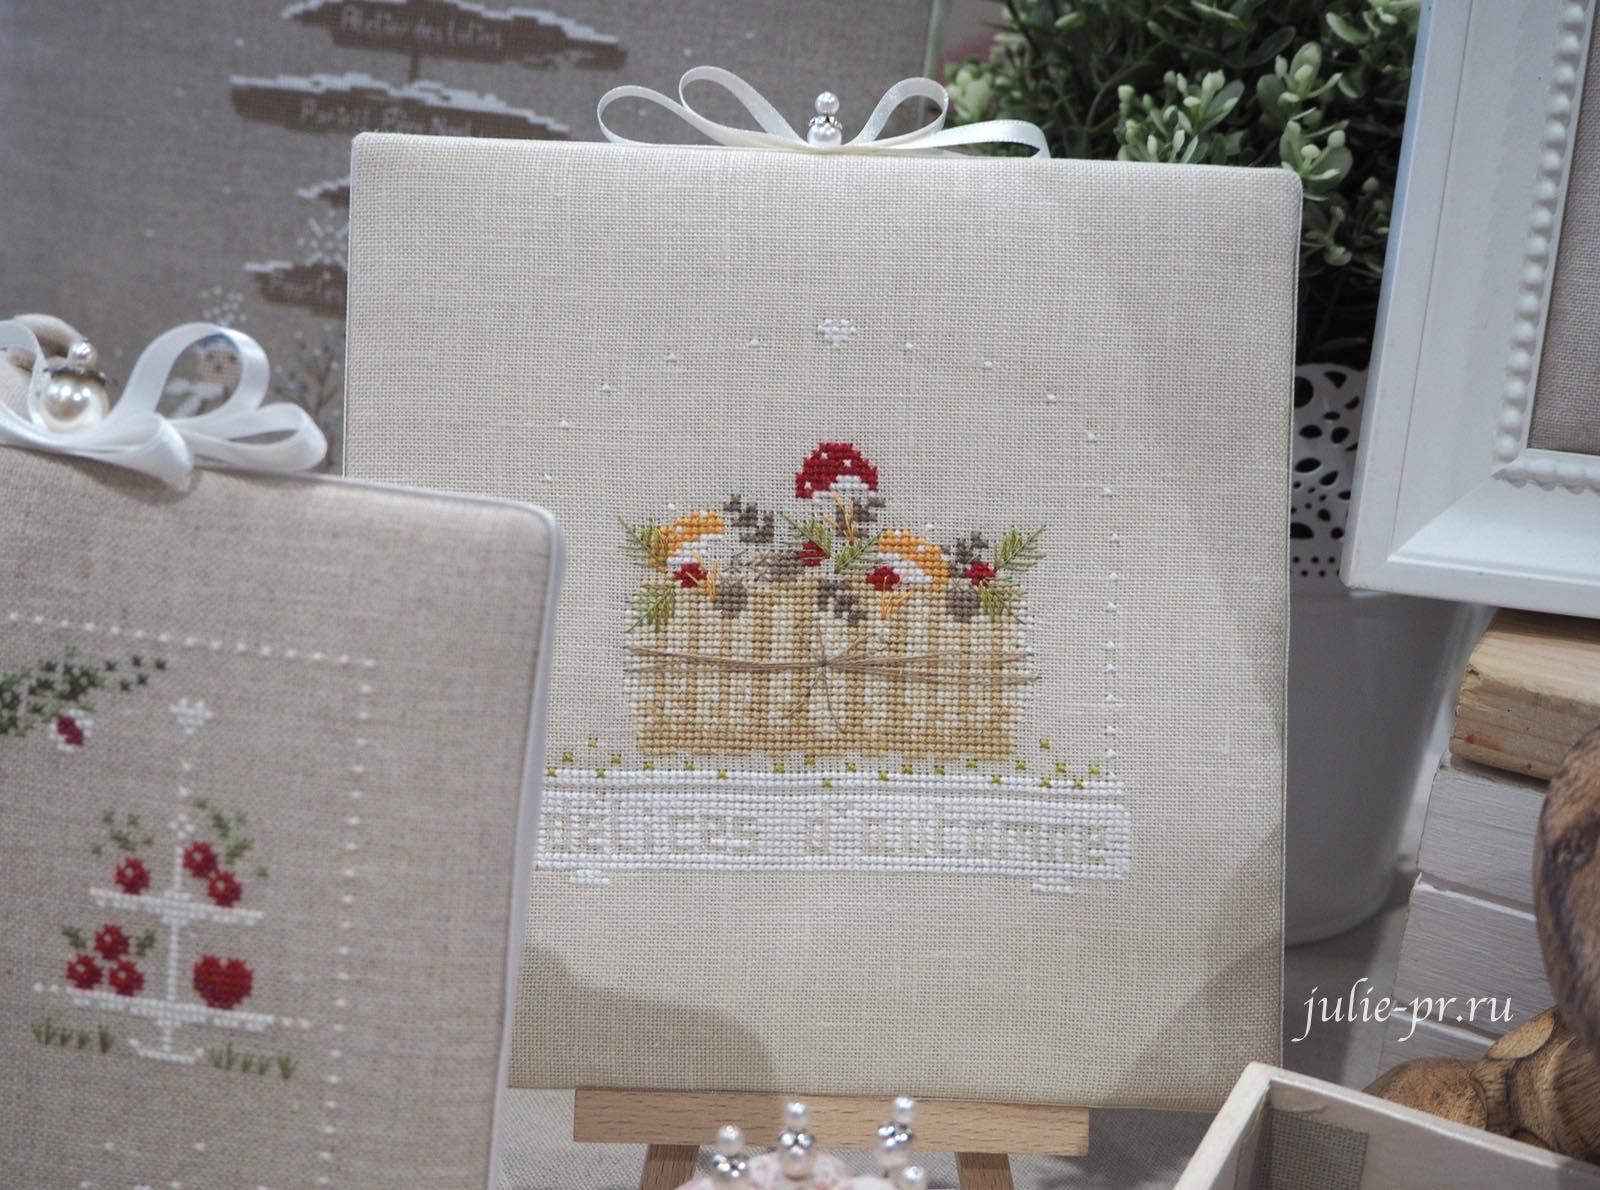 Jennifer Lentini, Delice d'automne, дары осени, грибы, вышивка крестом